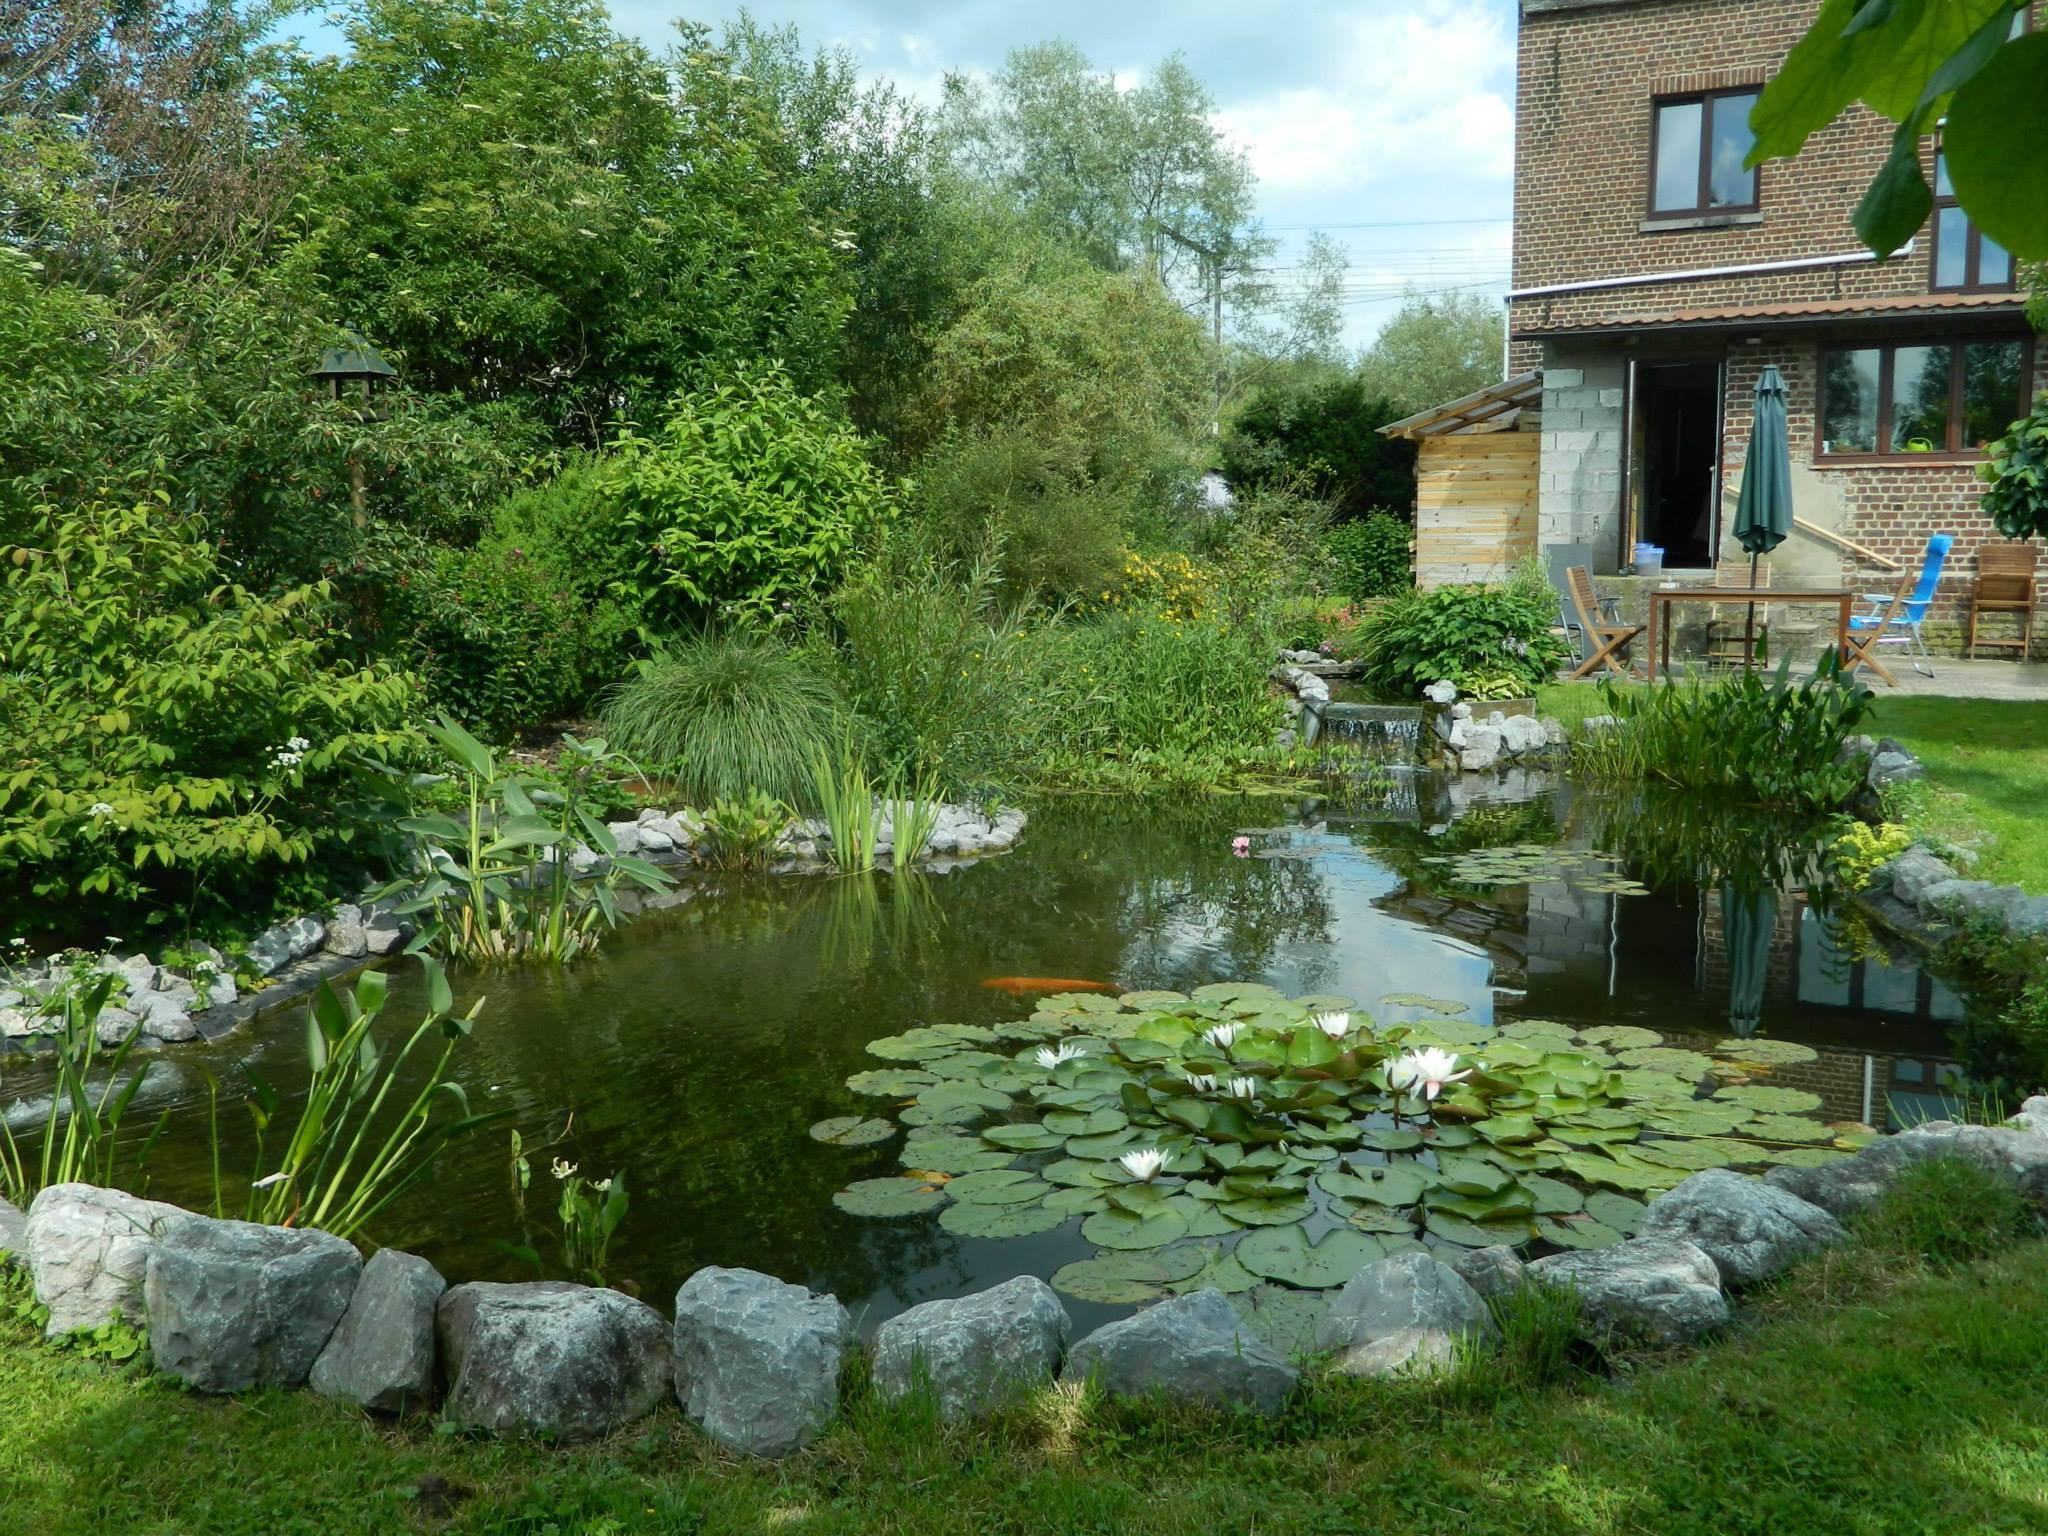 Les 15 Plus Beaux Bassins Découverts Lors Du Concours ! - Aquiflor - Jardinerie Aquatique serapportantà Bassin De Jardin